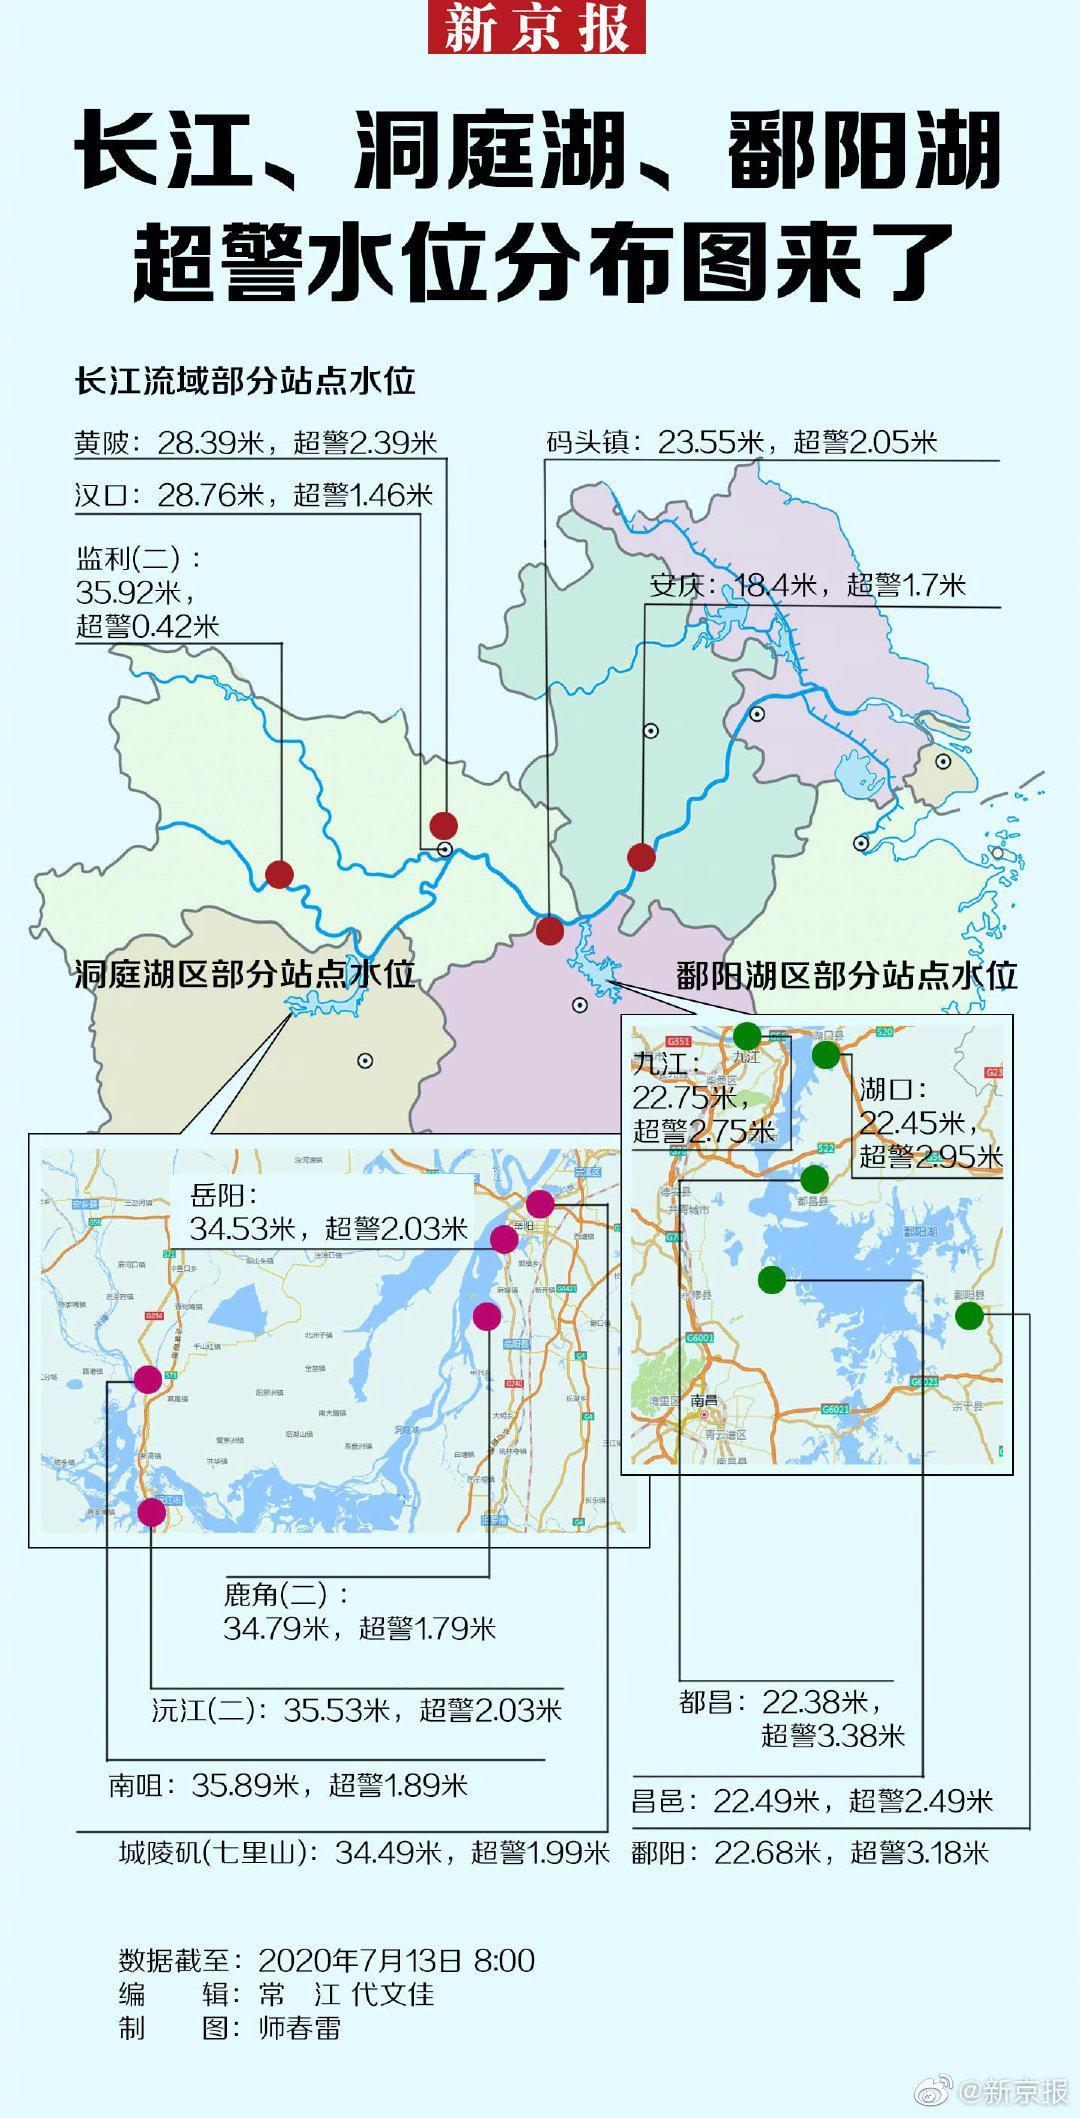 长江洞庭湖鄱阳湖超警水位分布图